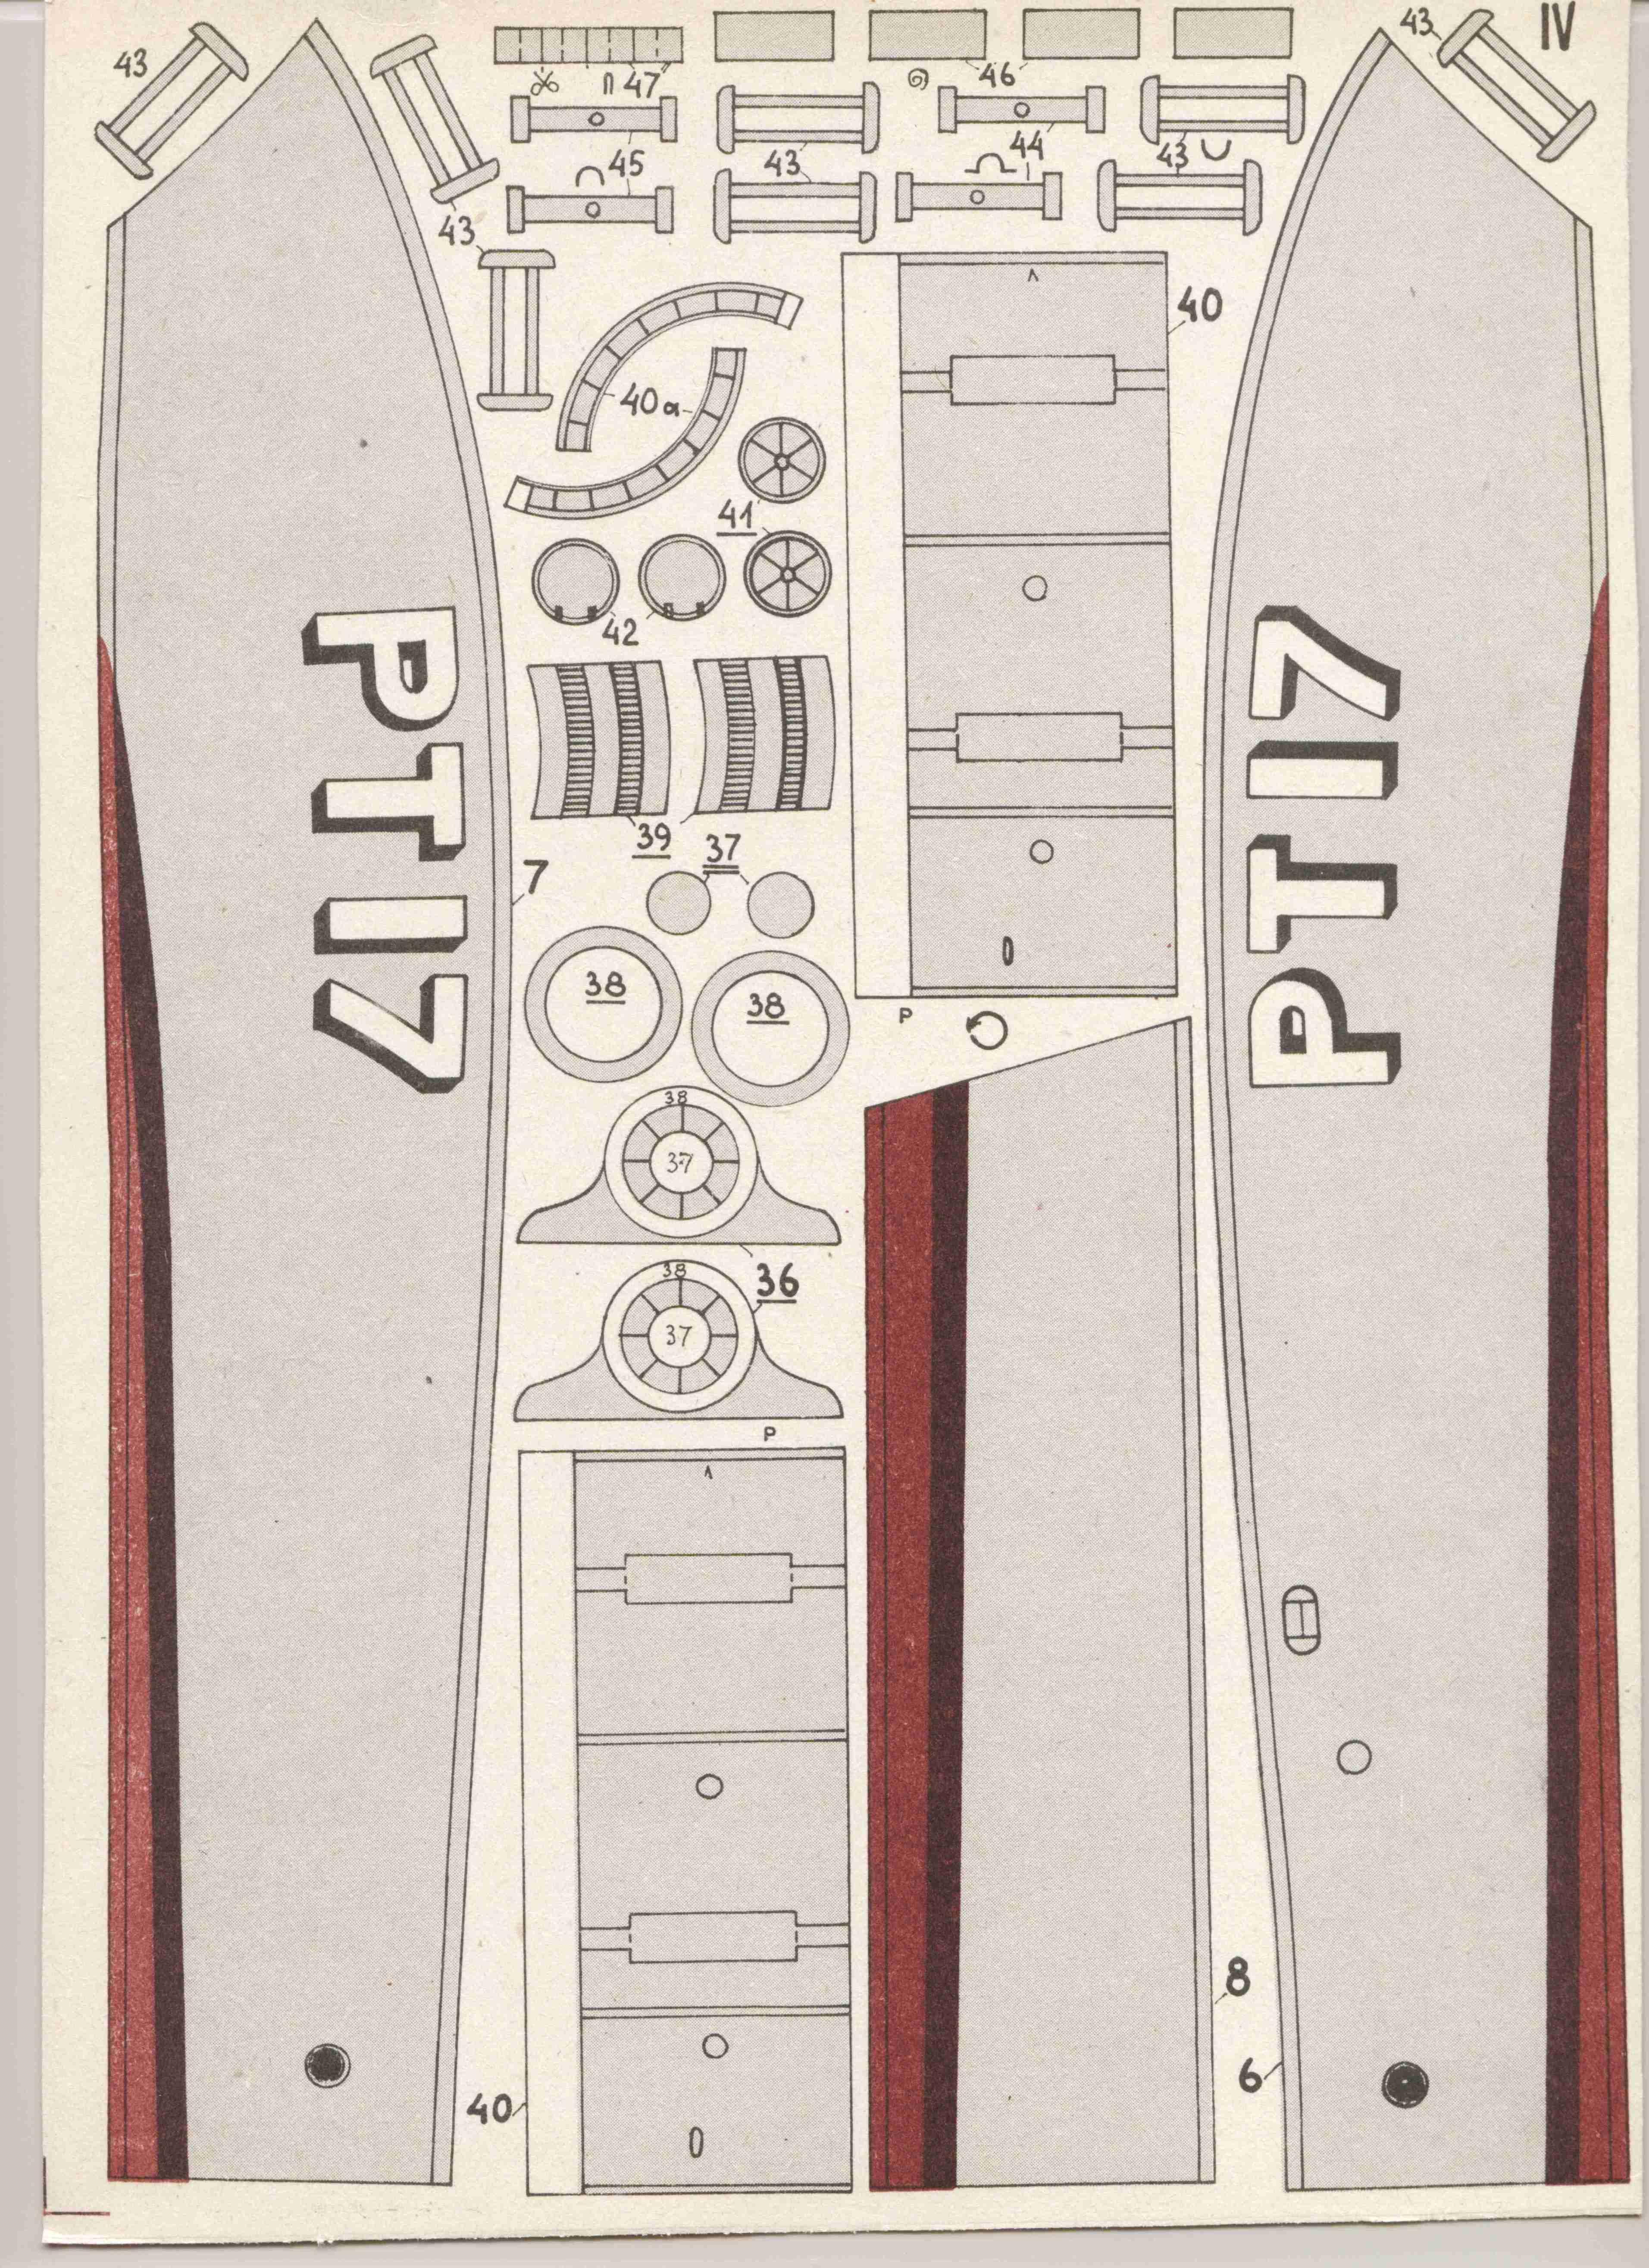 美国鱼雷艇Pt-17船模平面图纸 JPG格式